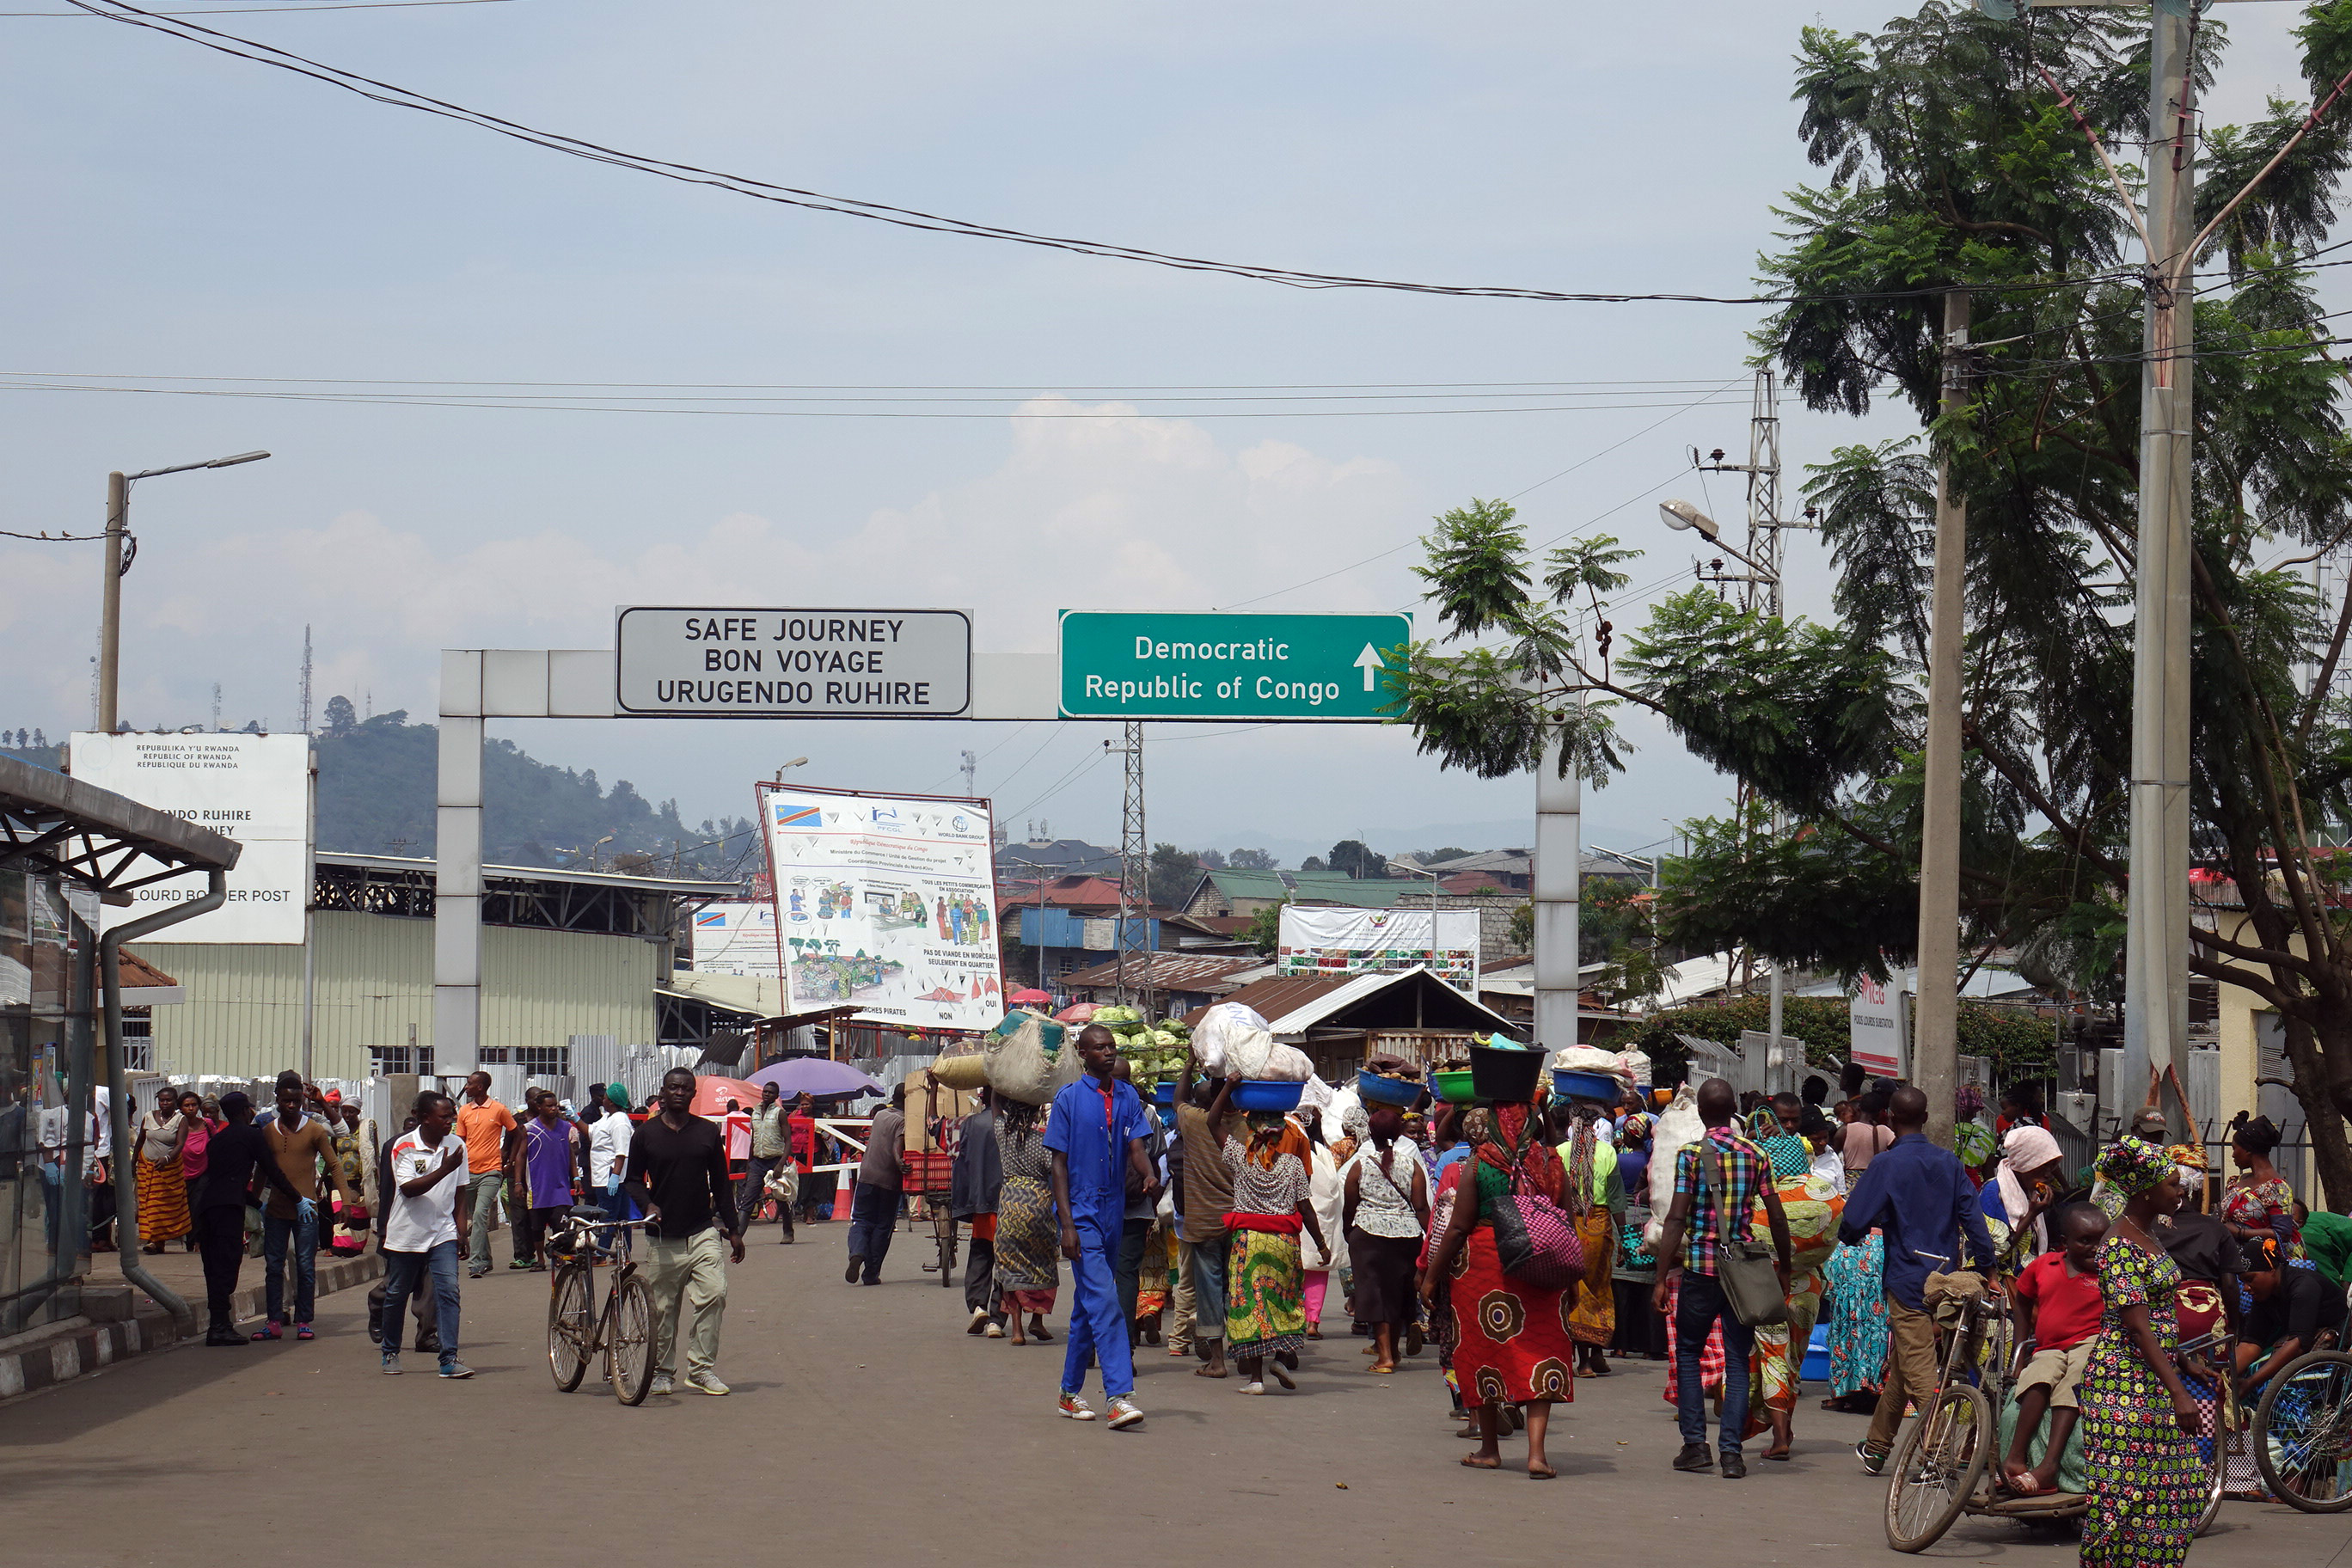 Am Grenzübergang Petite Barrière zwischen Ruanda und der Demokratischen Republik Kongo findet ein reger grenzüberschreitender Handelsaustausch statt.